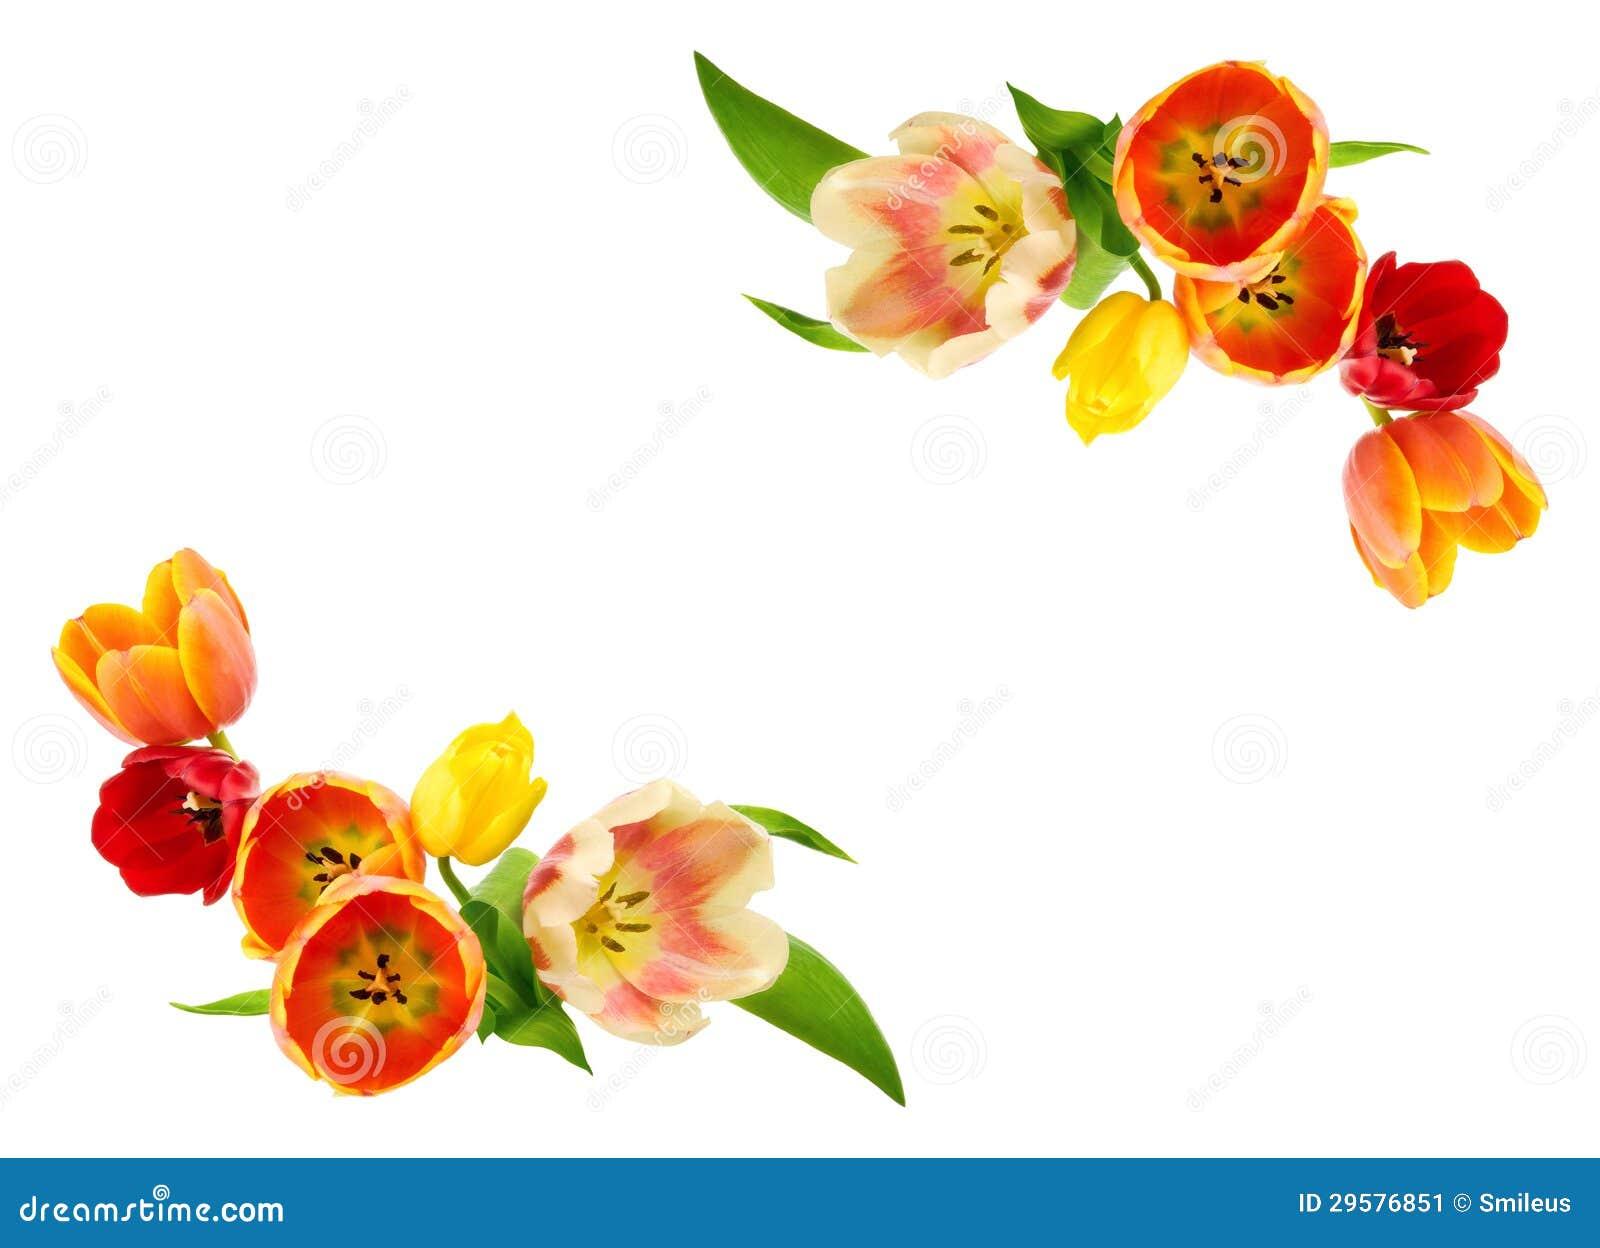 Tulips Border Stock Image - Image: 29576851